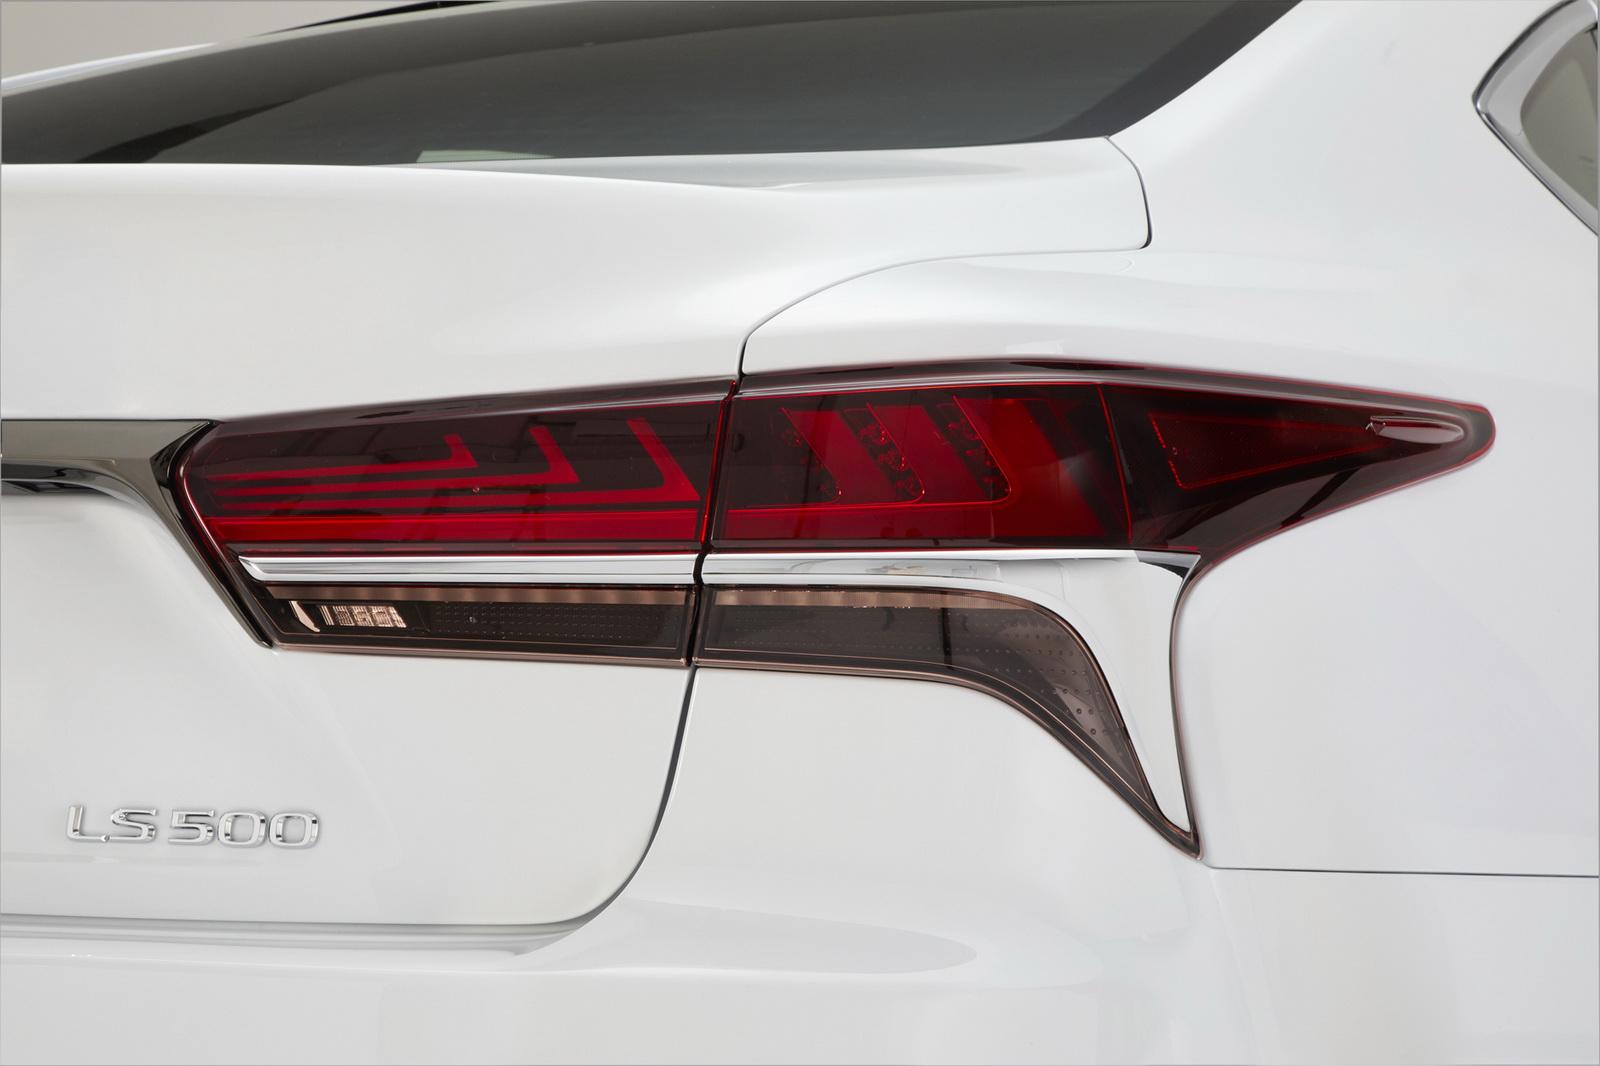 2018_Lexus_LS_500_F_Sport_20